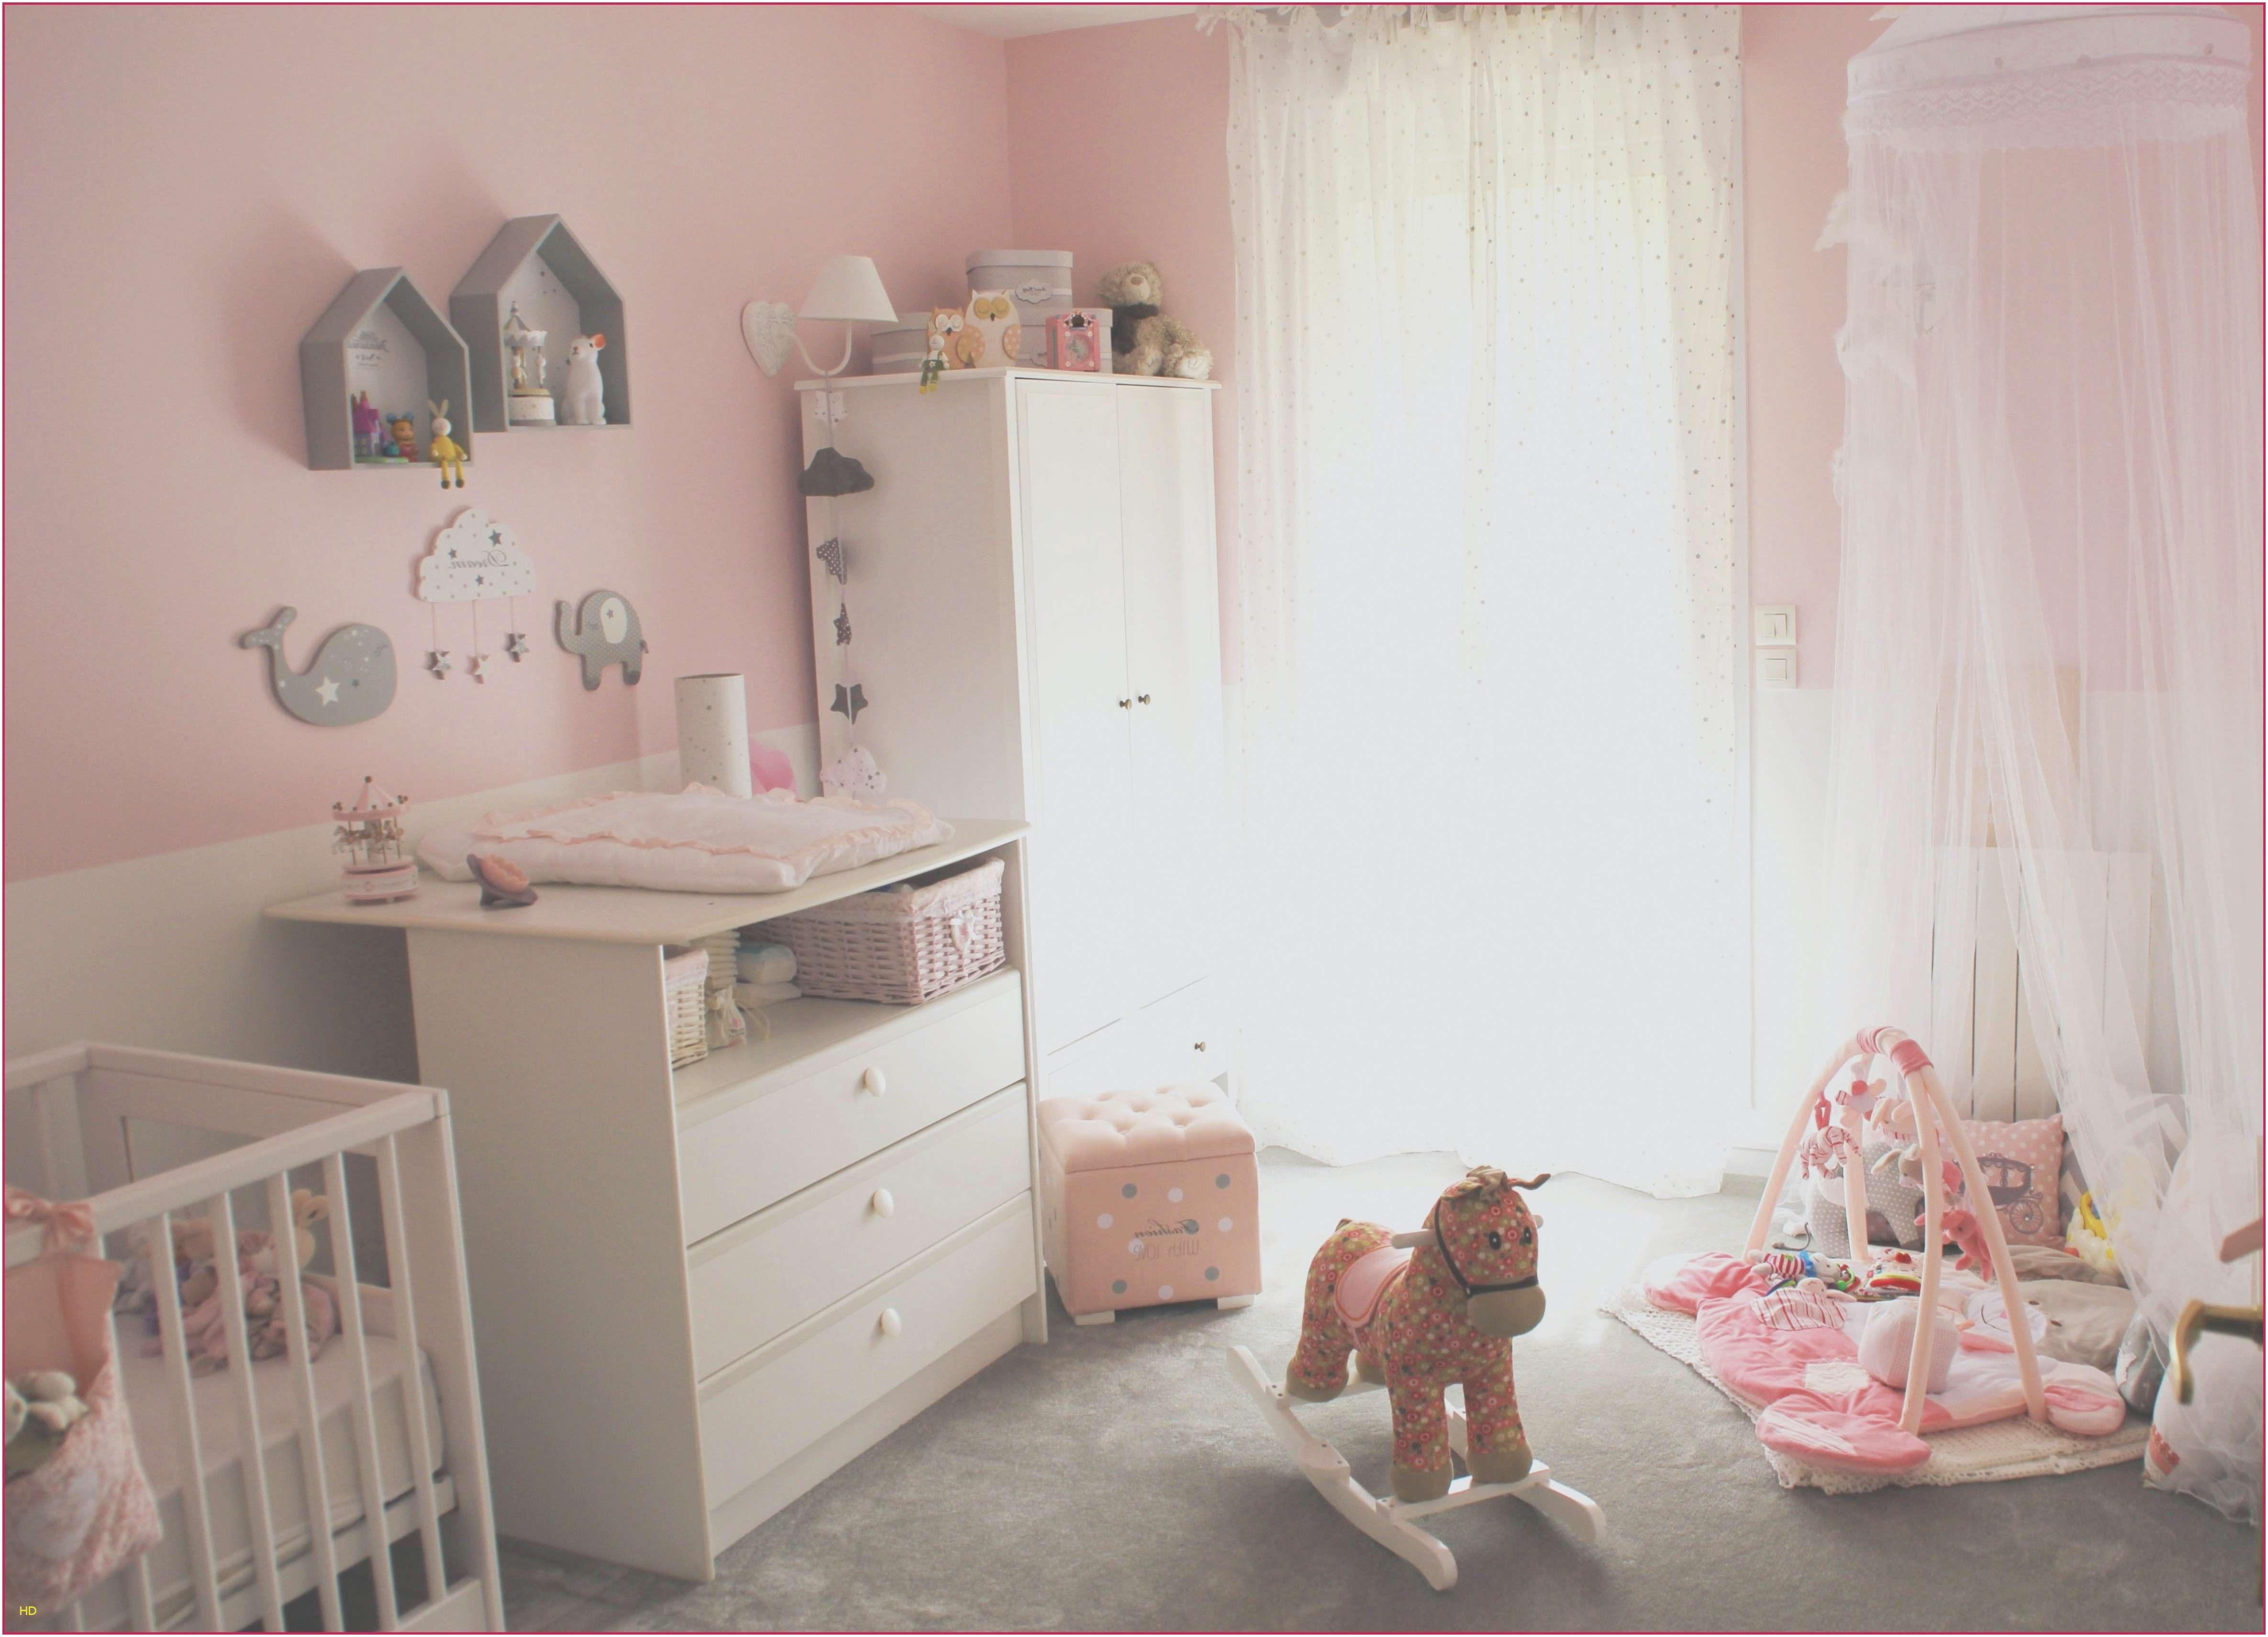 Rideau Lit Superposé Meilleur De Unique Chambre Bébé Jumeaux Lit De Bébé Rideau Enfant Pas Cher 10